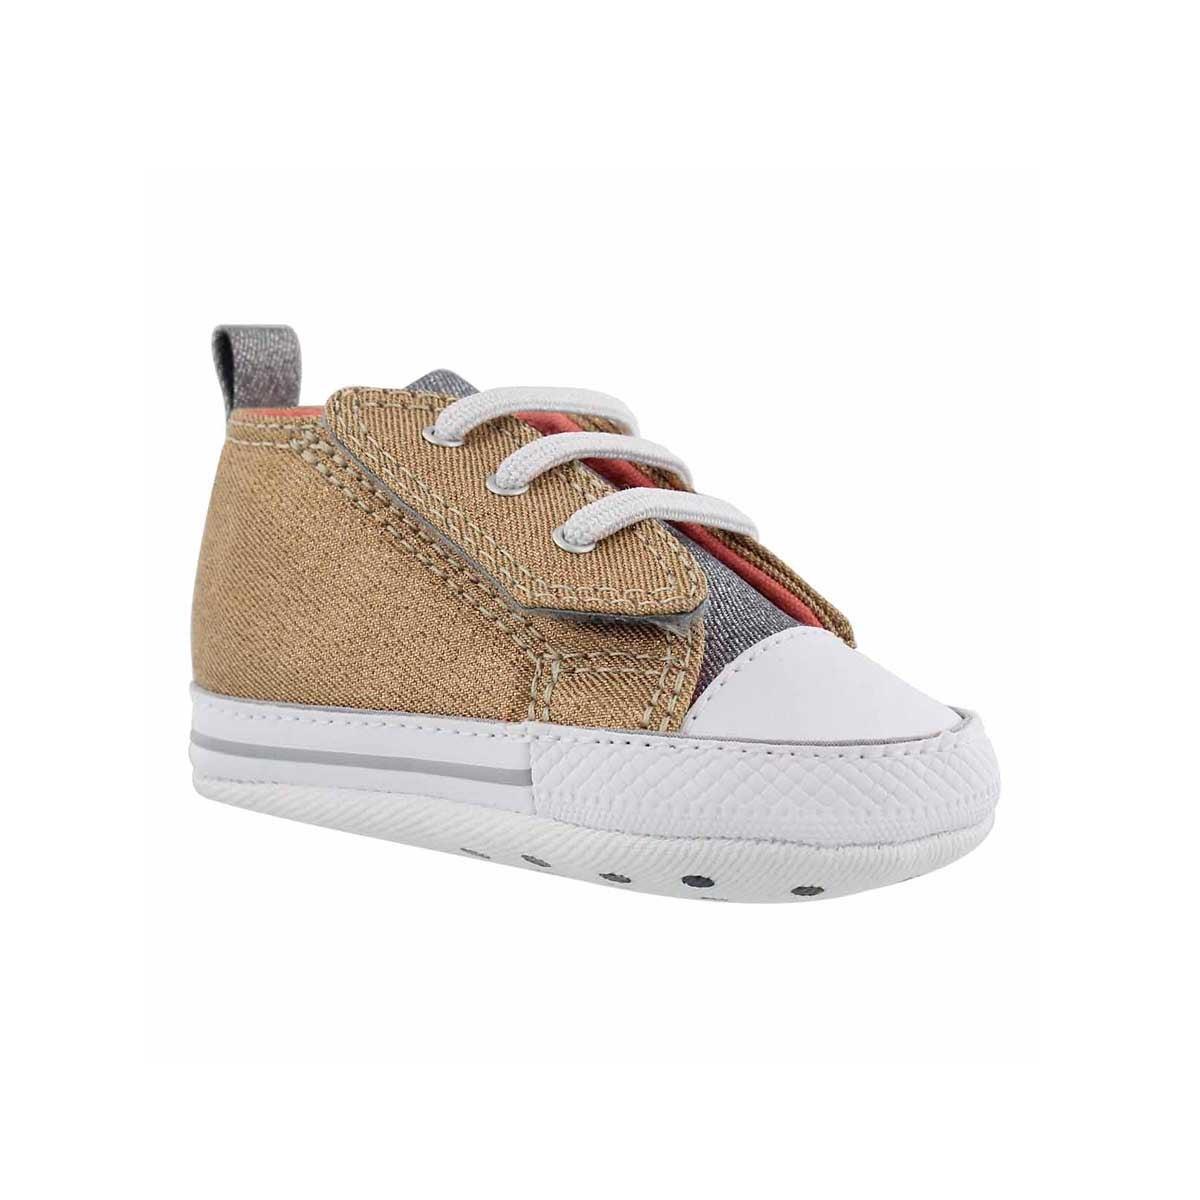 Infs CTAS First Star pale gold sneaker